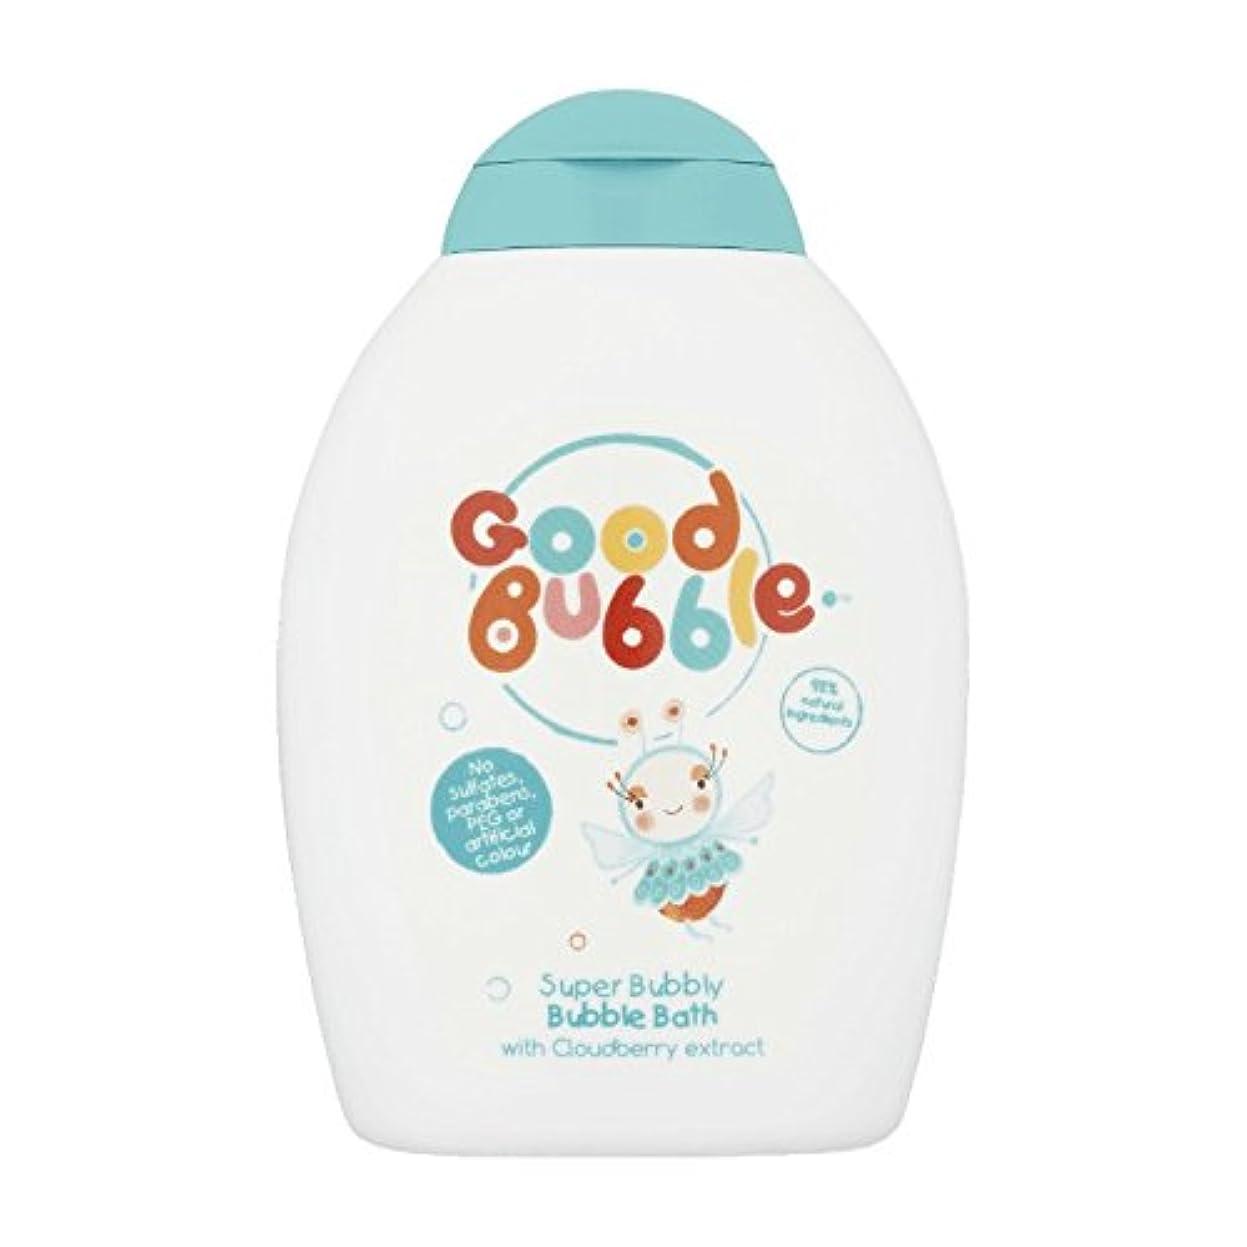 大工債務者クレジット良いバブルクラウドベリーバブルバス400ミリリットル - Good Bubble Cloudberry Bubble Bath 400ml (Good Bubble) [並行輸入品]